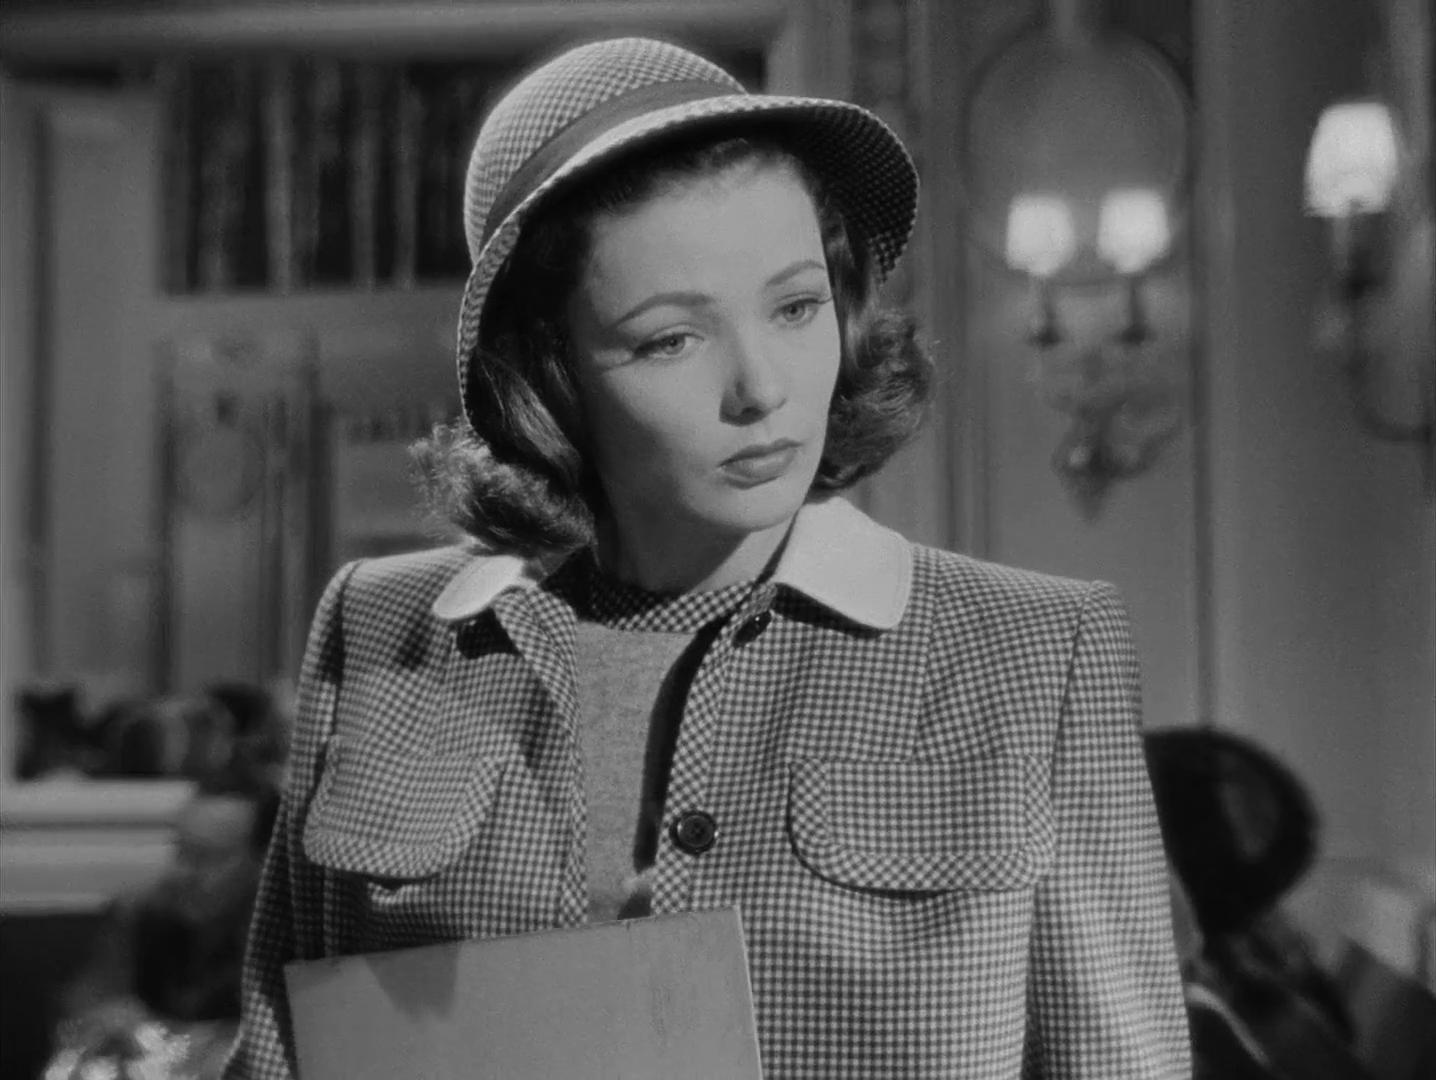 Gene Tierney dans le film noir Laura (1944) d'Otto Preminger